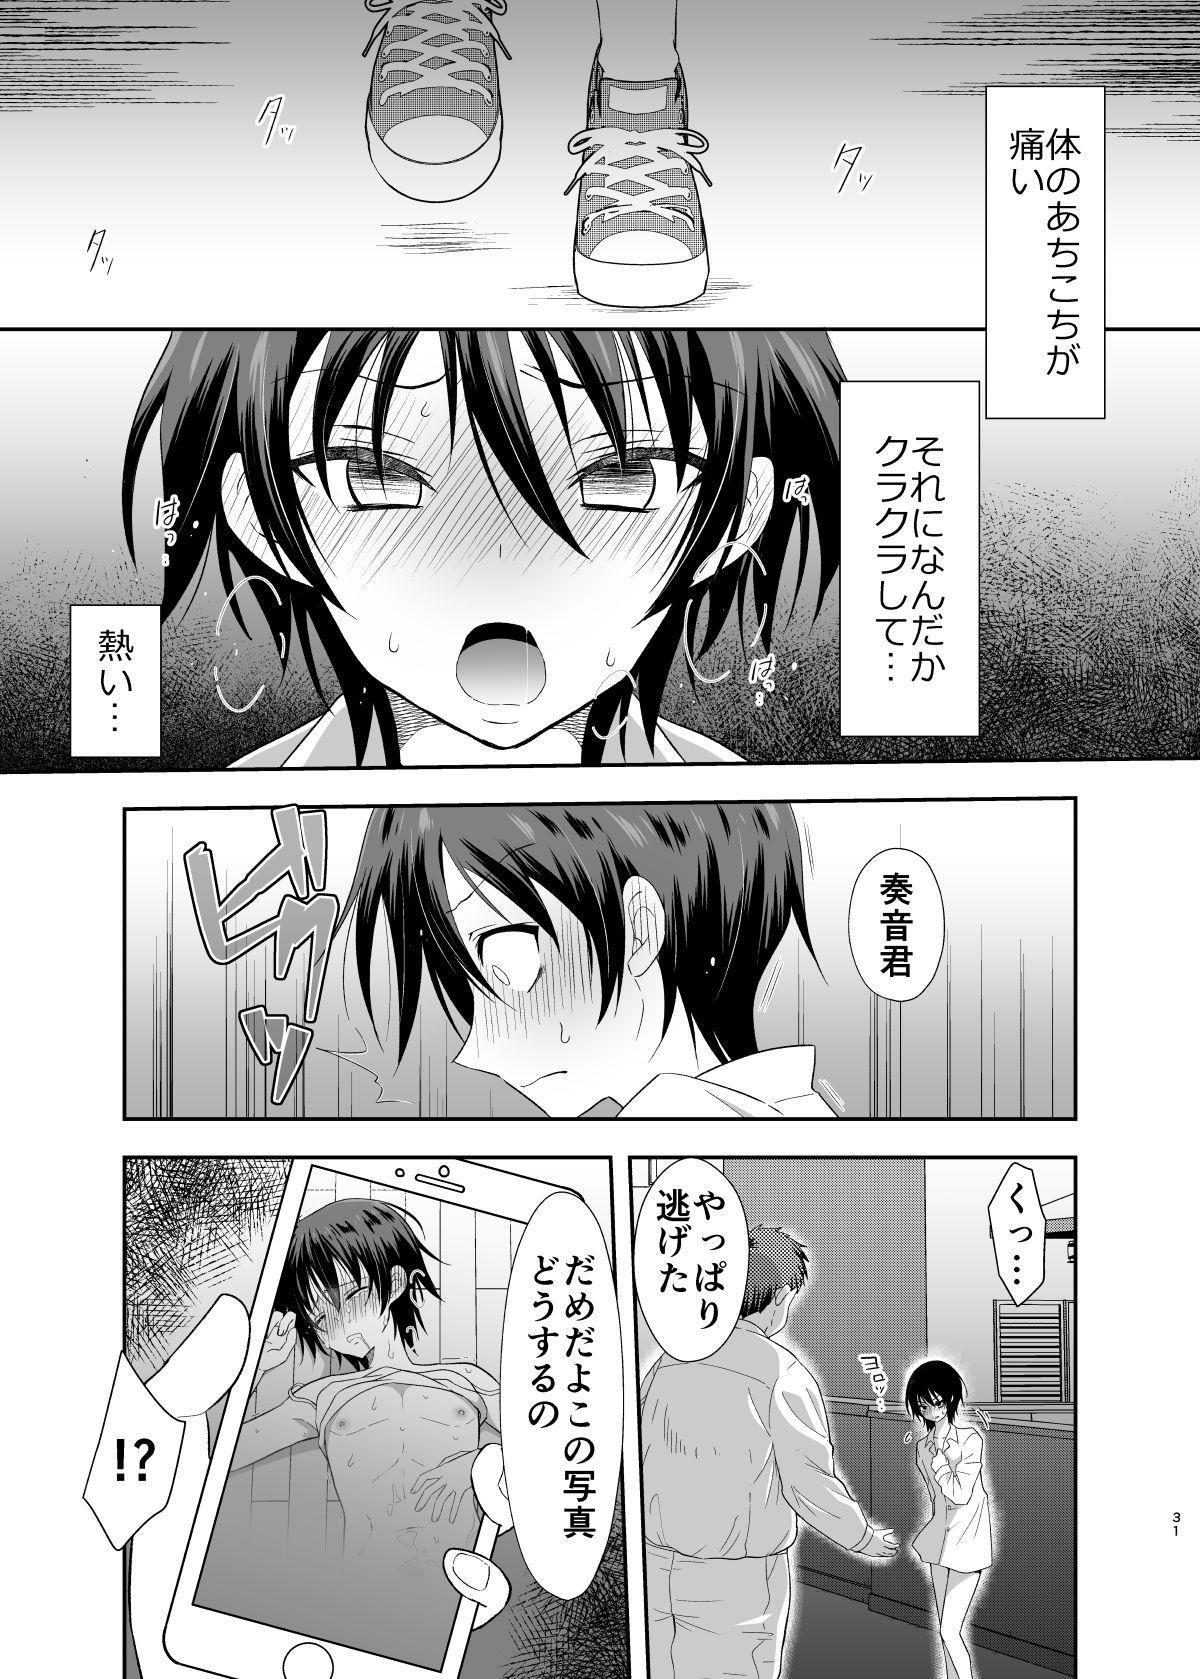 Ane no Kareshi no Furi o Shitetara Oji-san ni Otosareta Ore 29